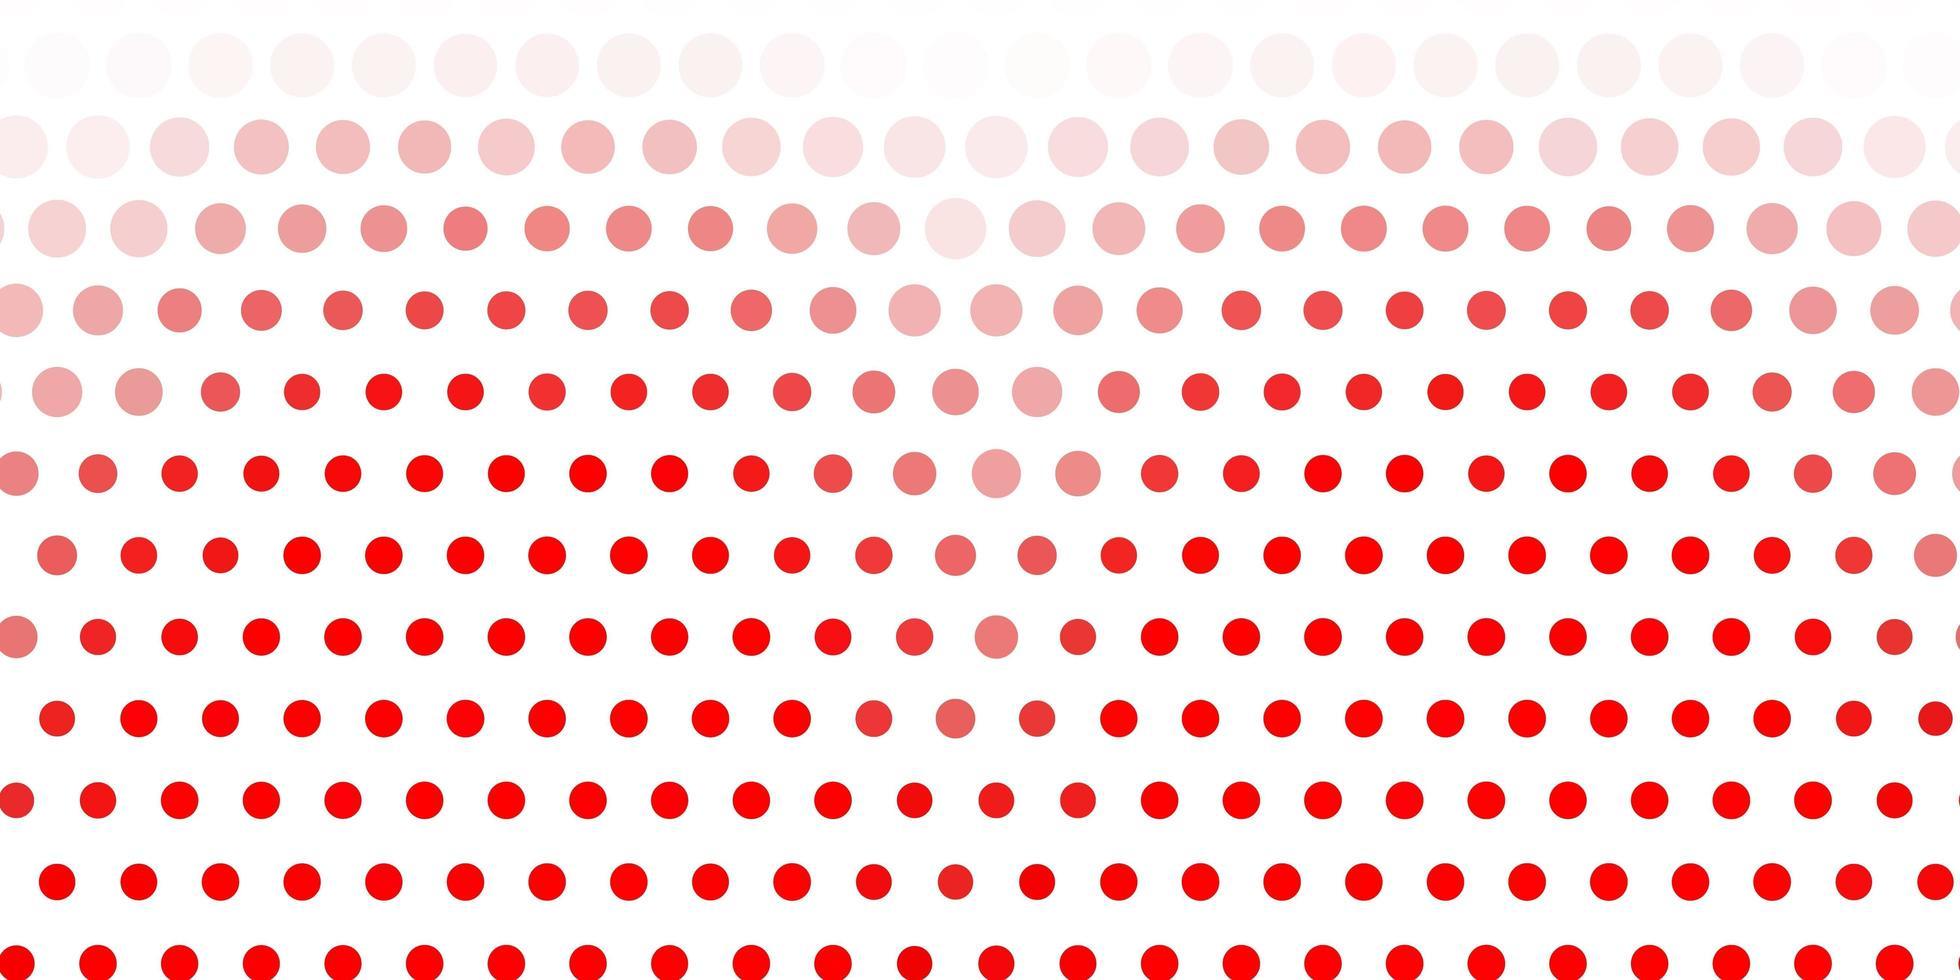 lichtrode achtergrond met bubbels. vector